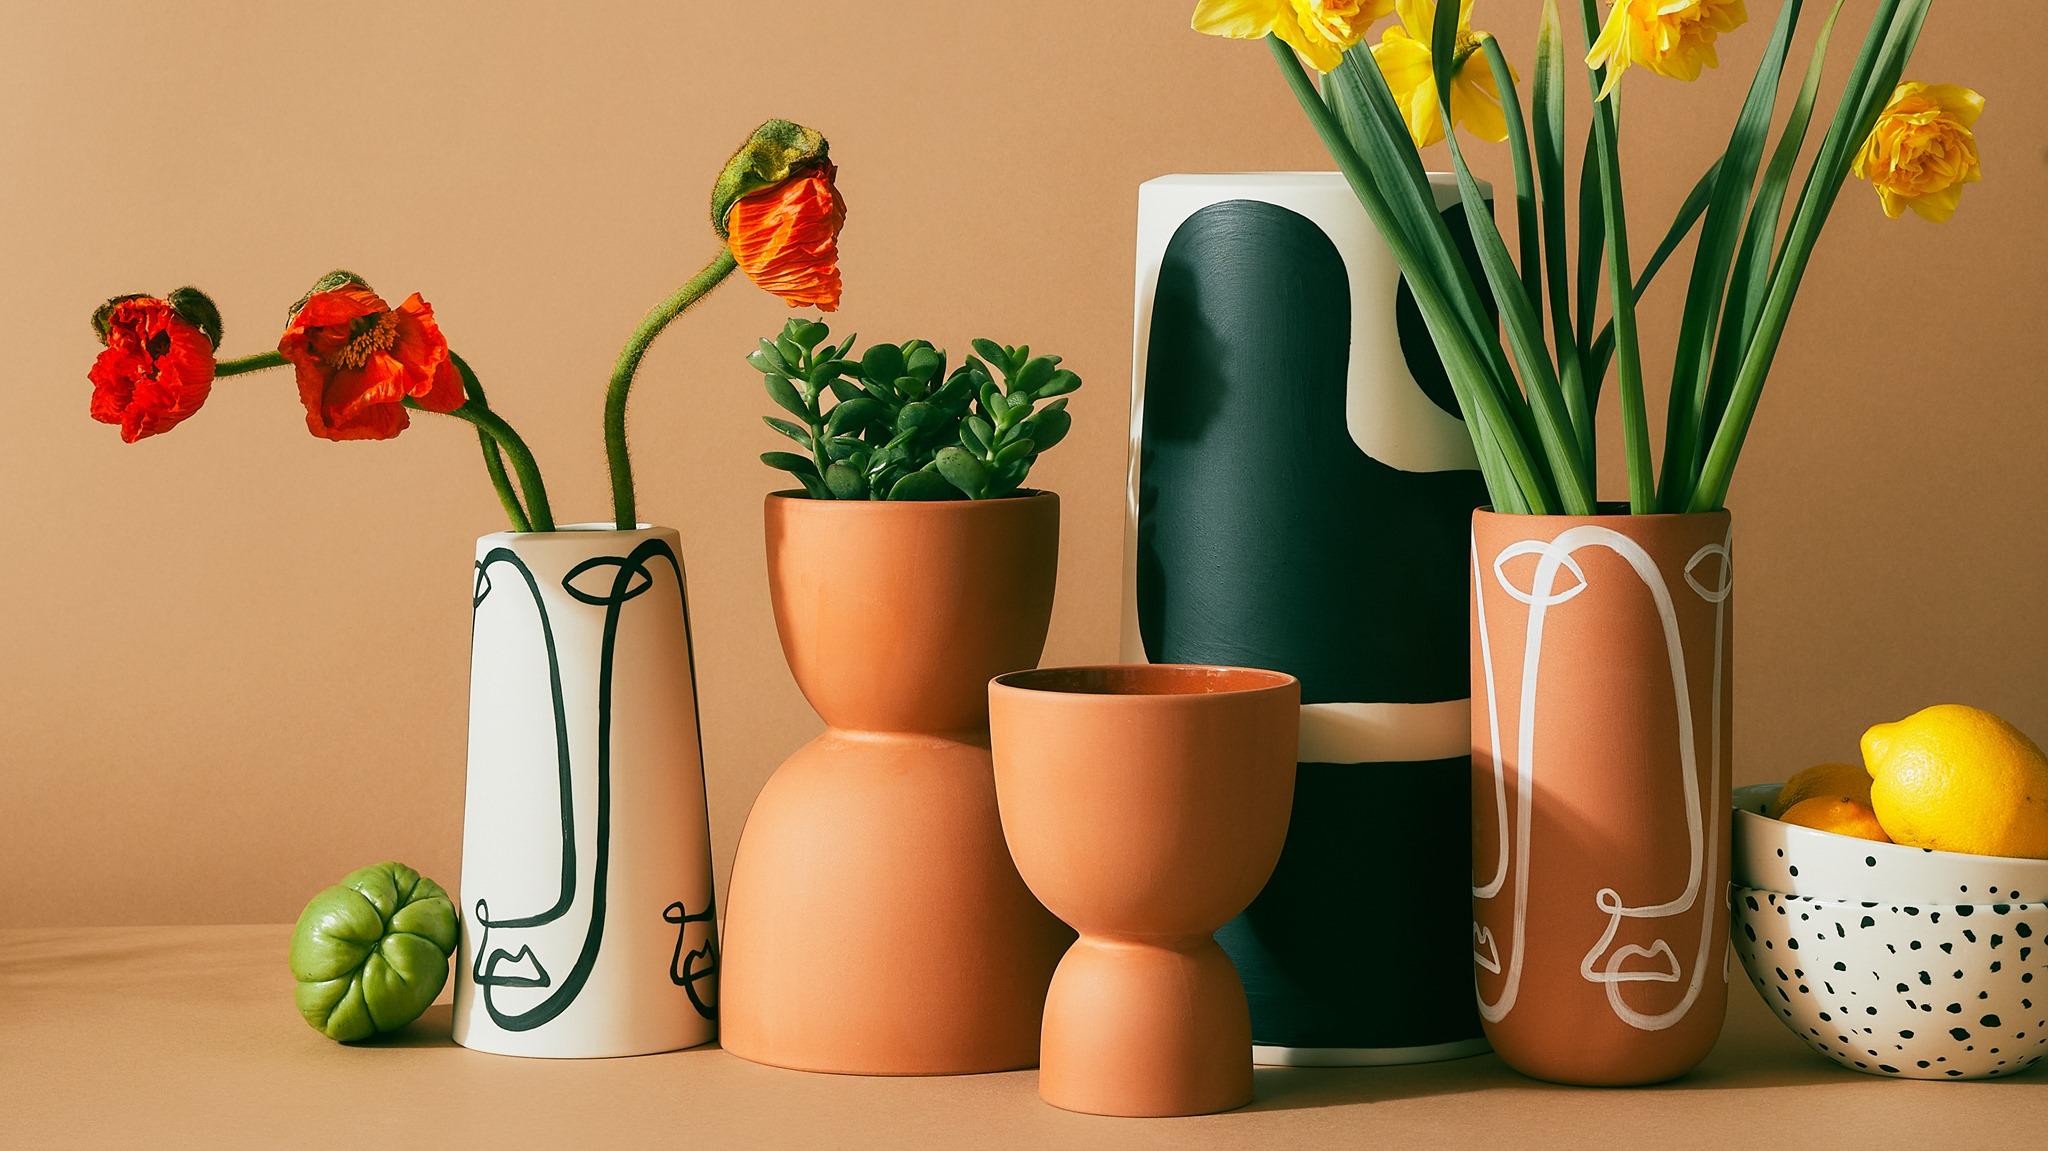 Franca – Brooklyn design studio